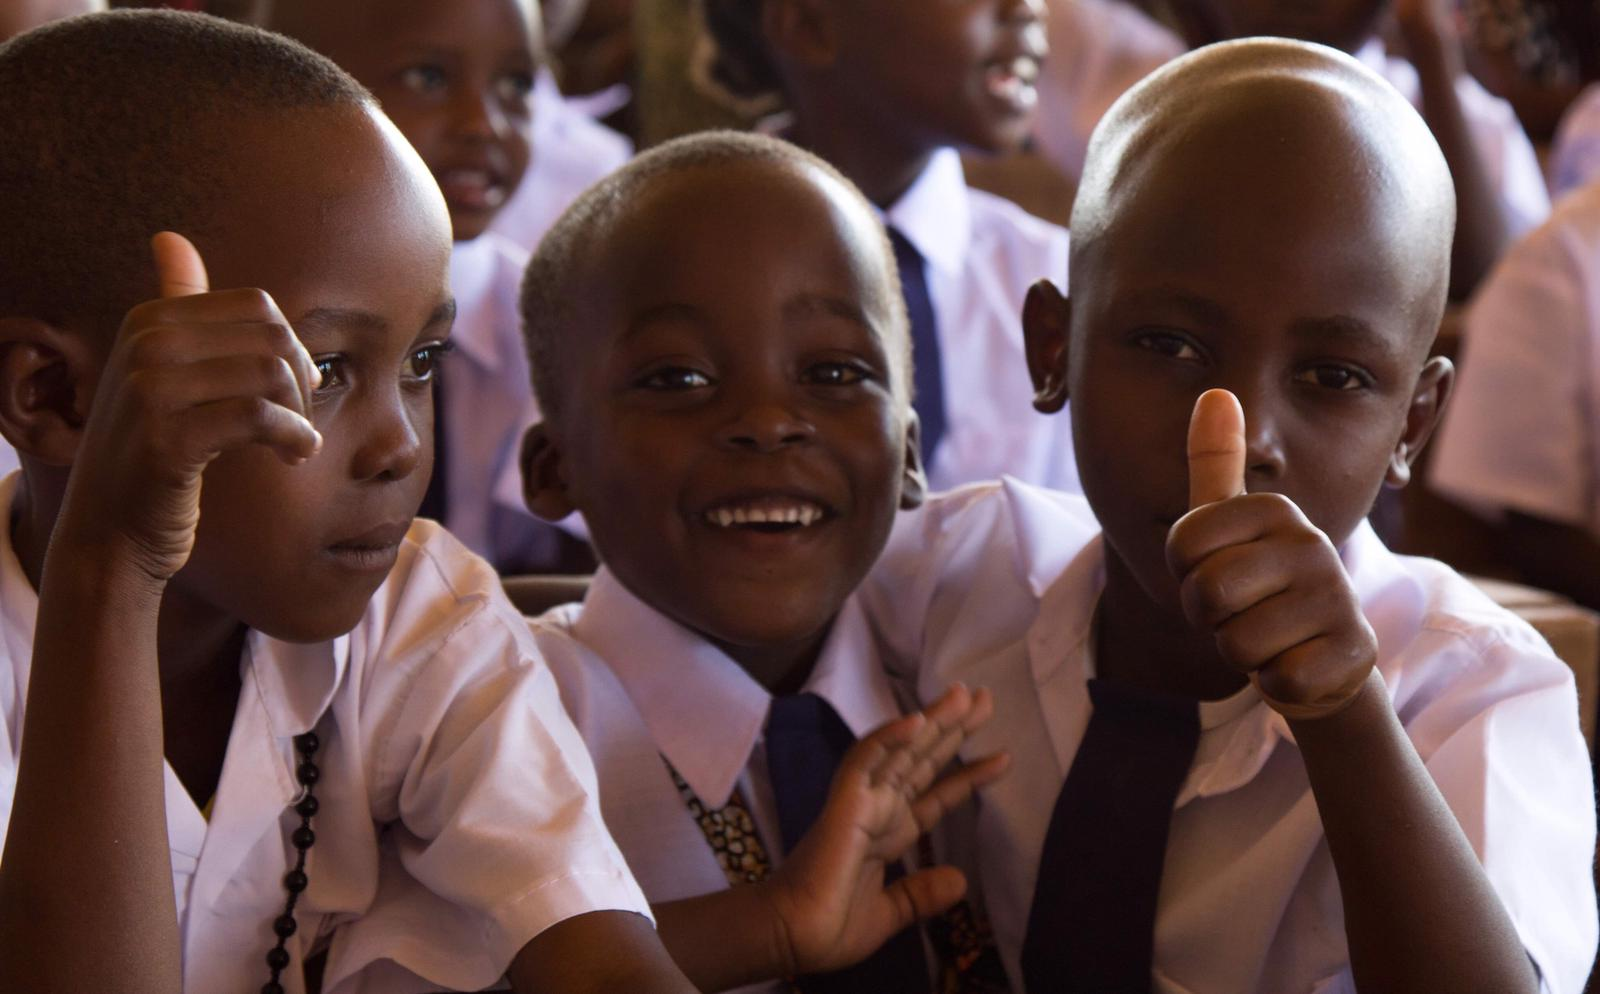 Consulenza scolastica professionale: migliori pratiche per lavorare nelle scuole